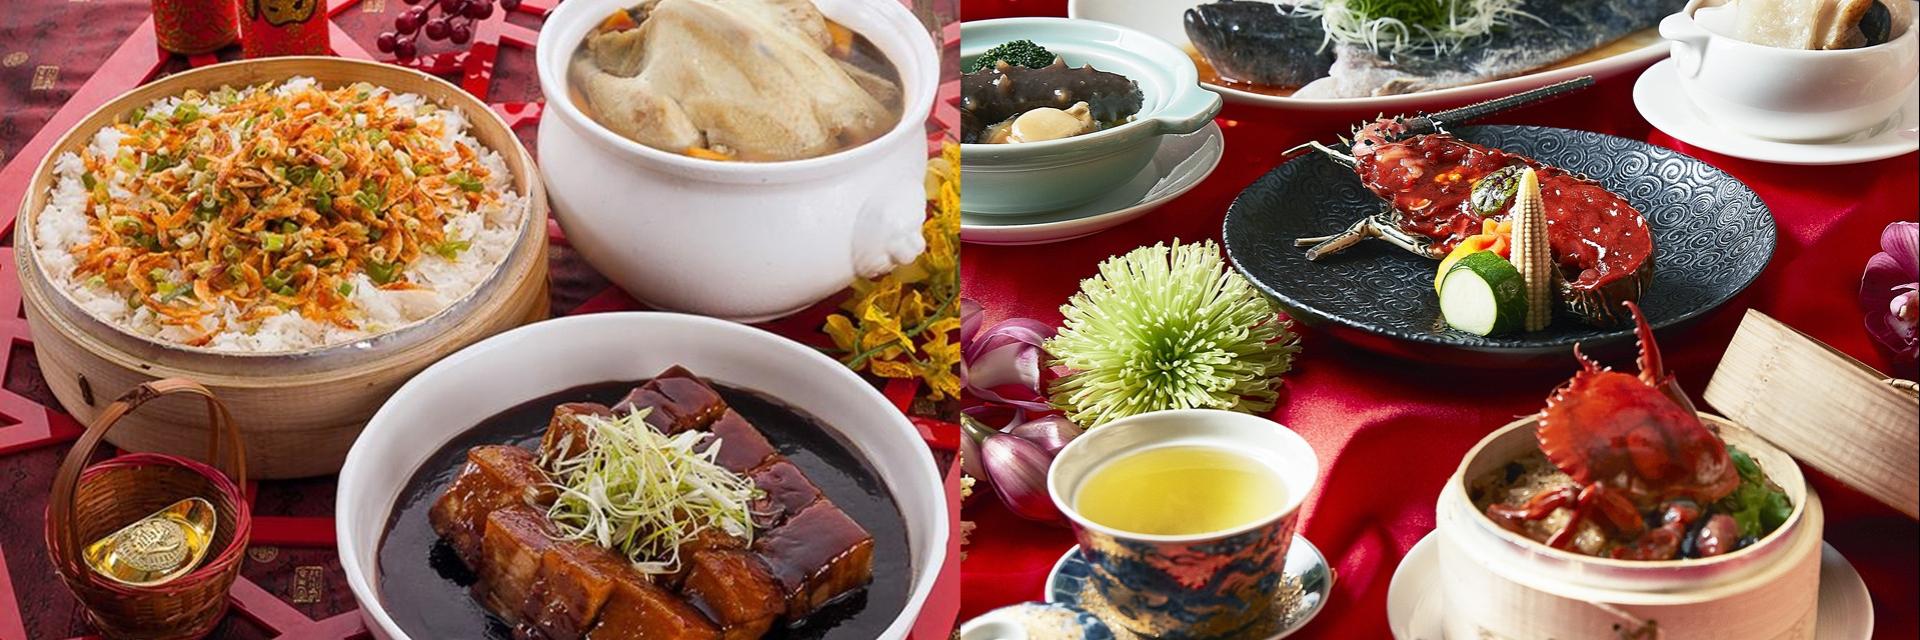 年菜也要「潮」起來!跟著飯店主廚學會這幾招 誰還能比你更潮?!